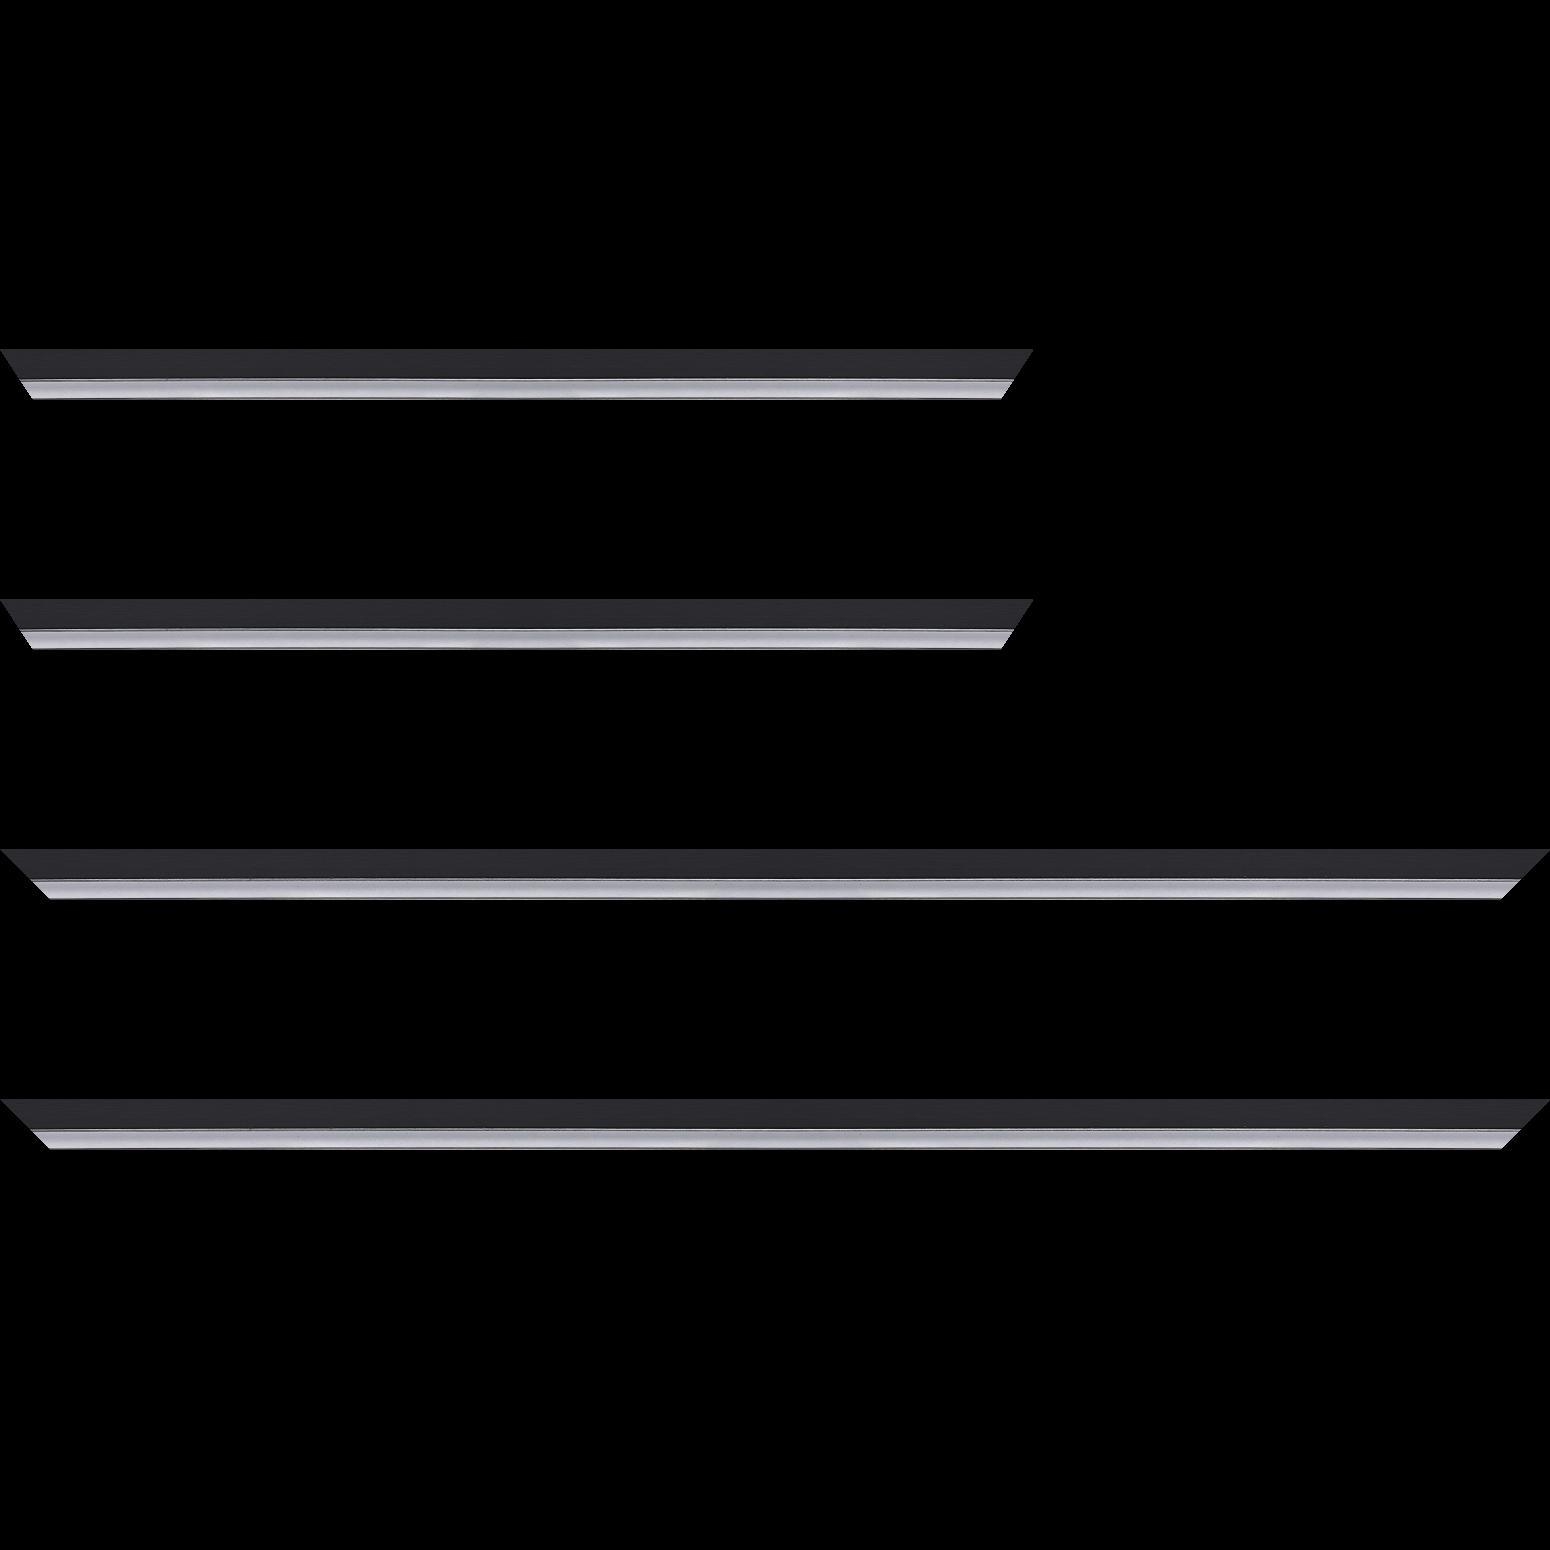 Baguette service précoupé Bois profil plat largeur 1.6cm couleur noir mat finition pore bouché filet argent mat en retrait de la face du cadre de 6mm assurant un effet très original